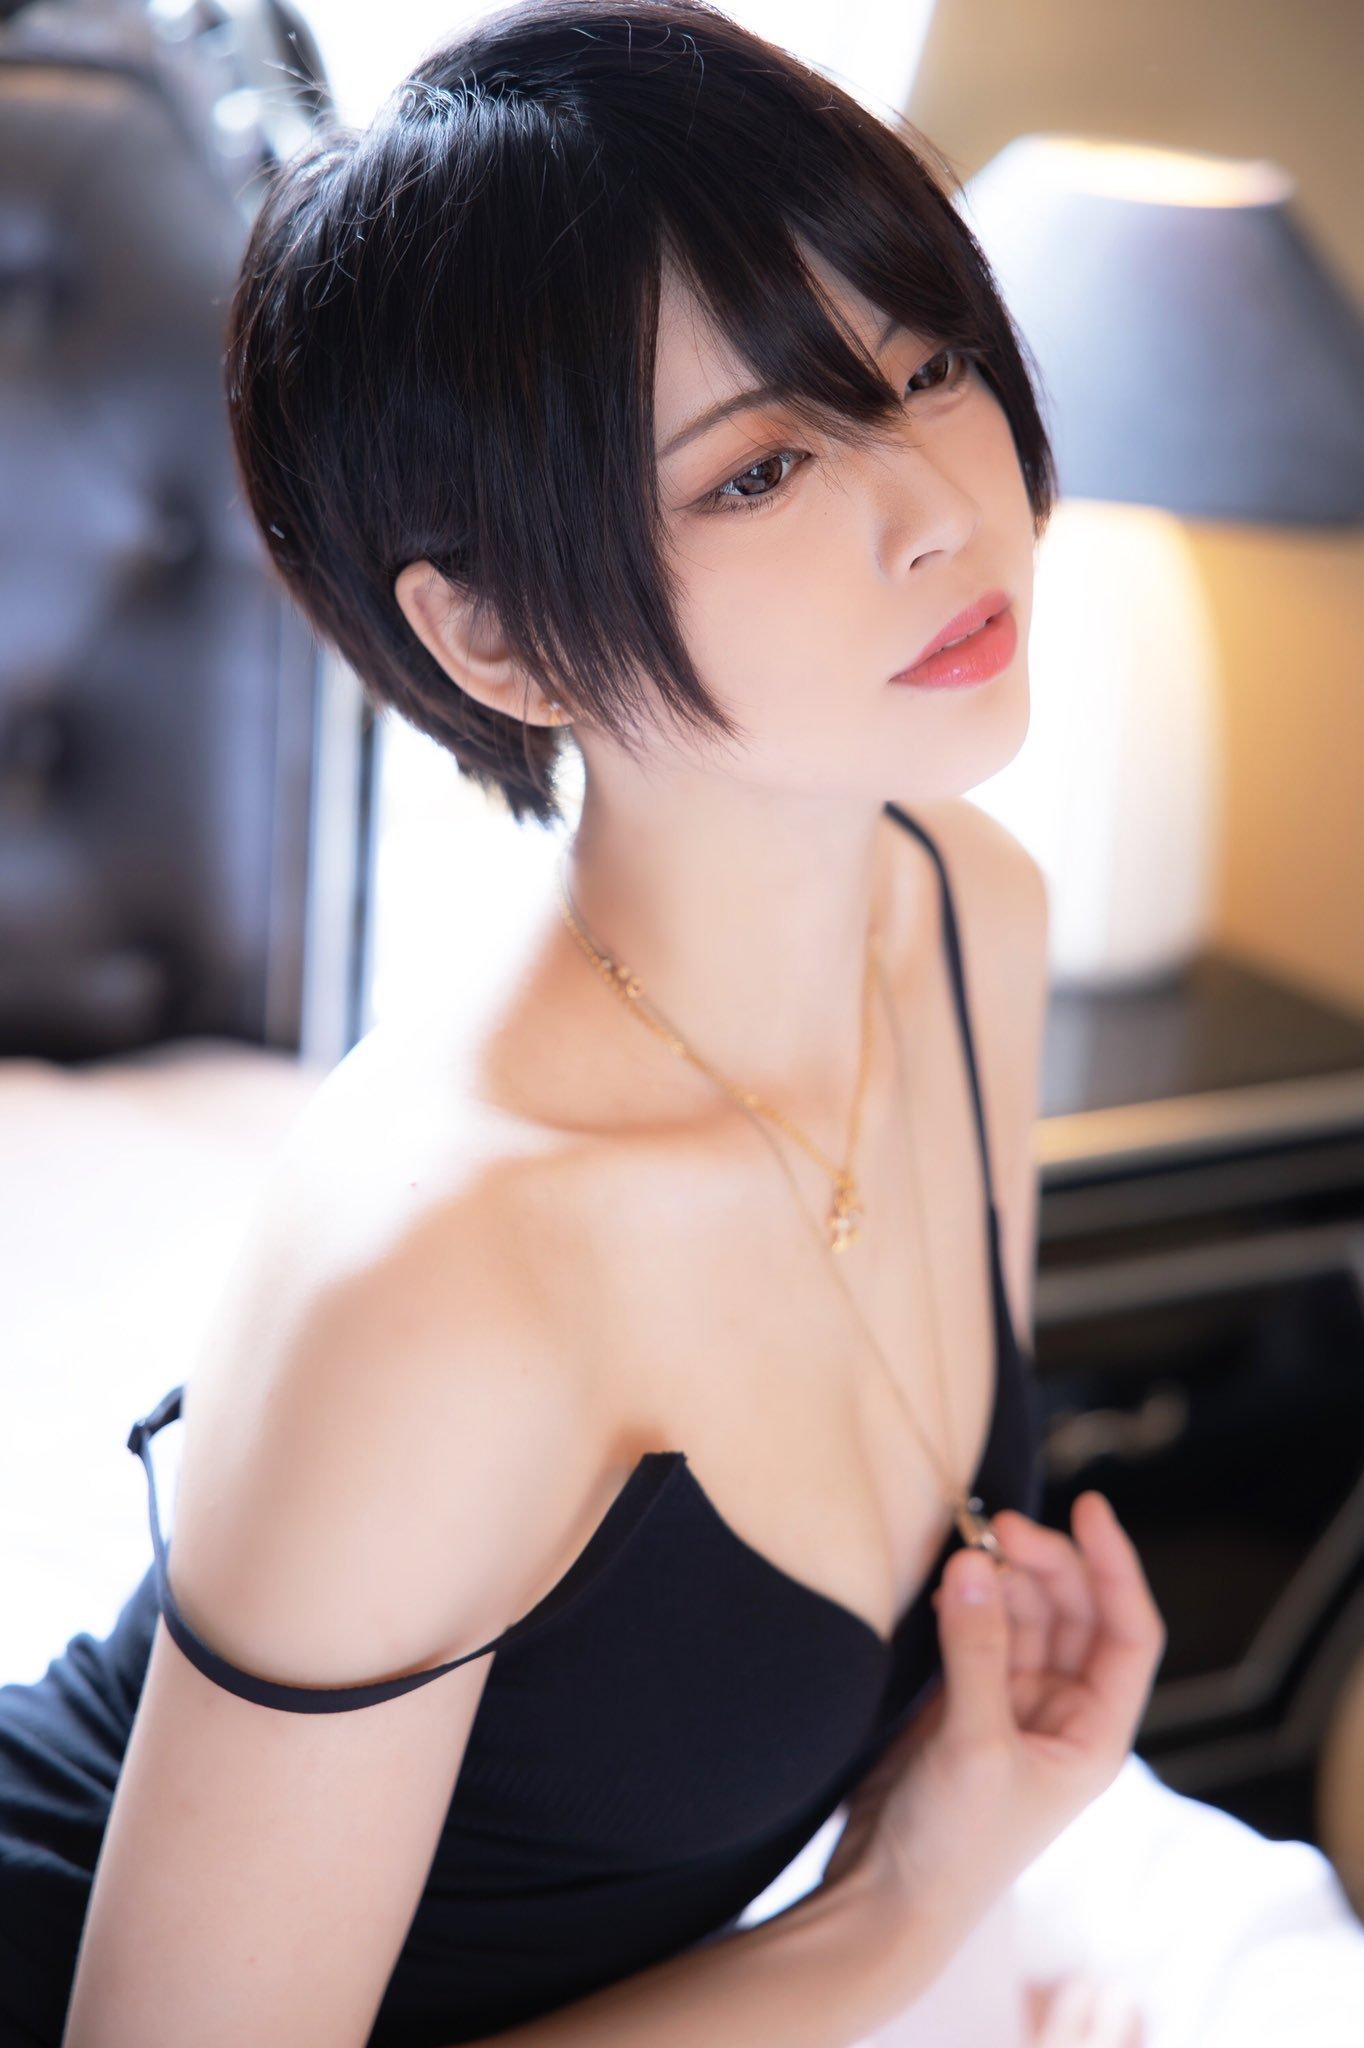 HiroPhotoLife 1277946001626550273_p0